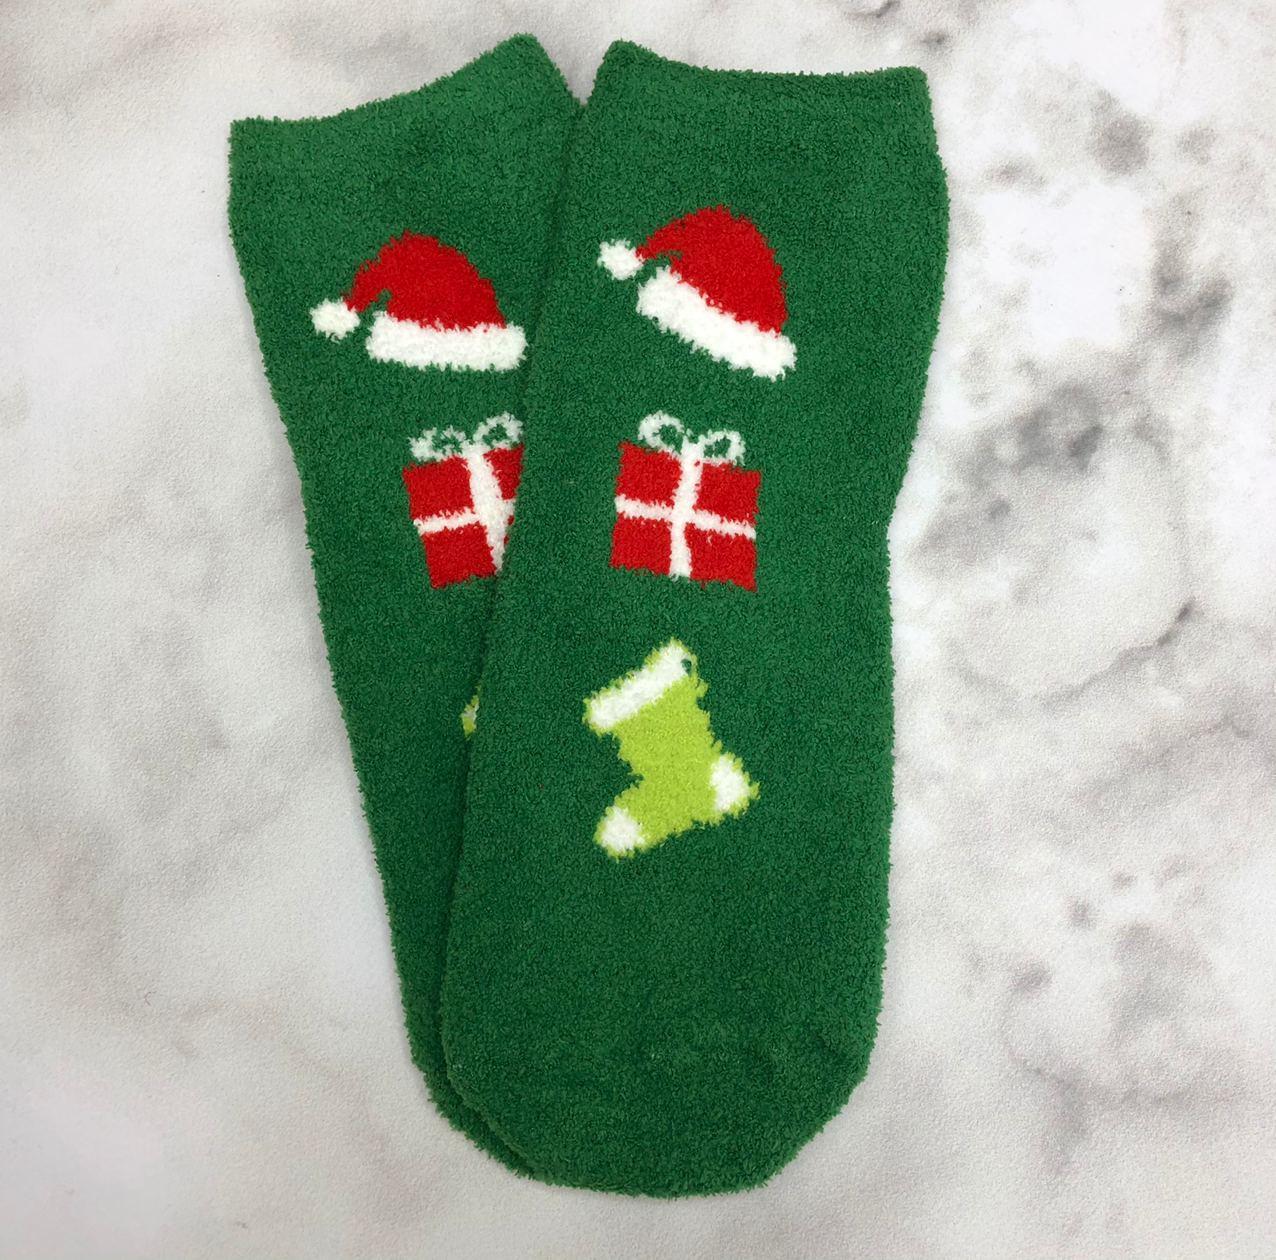 Шкарпетки Високі Новорічні Жіночі Чоловічі Наталі Махрові Новий Рік Шапка Подарунок Чобіт Зелені 37-41